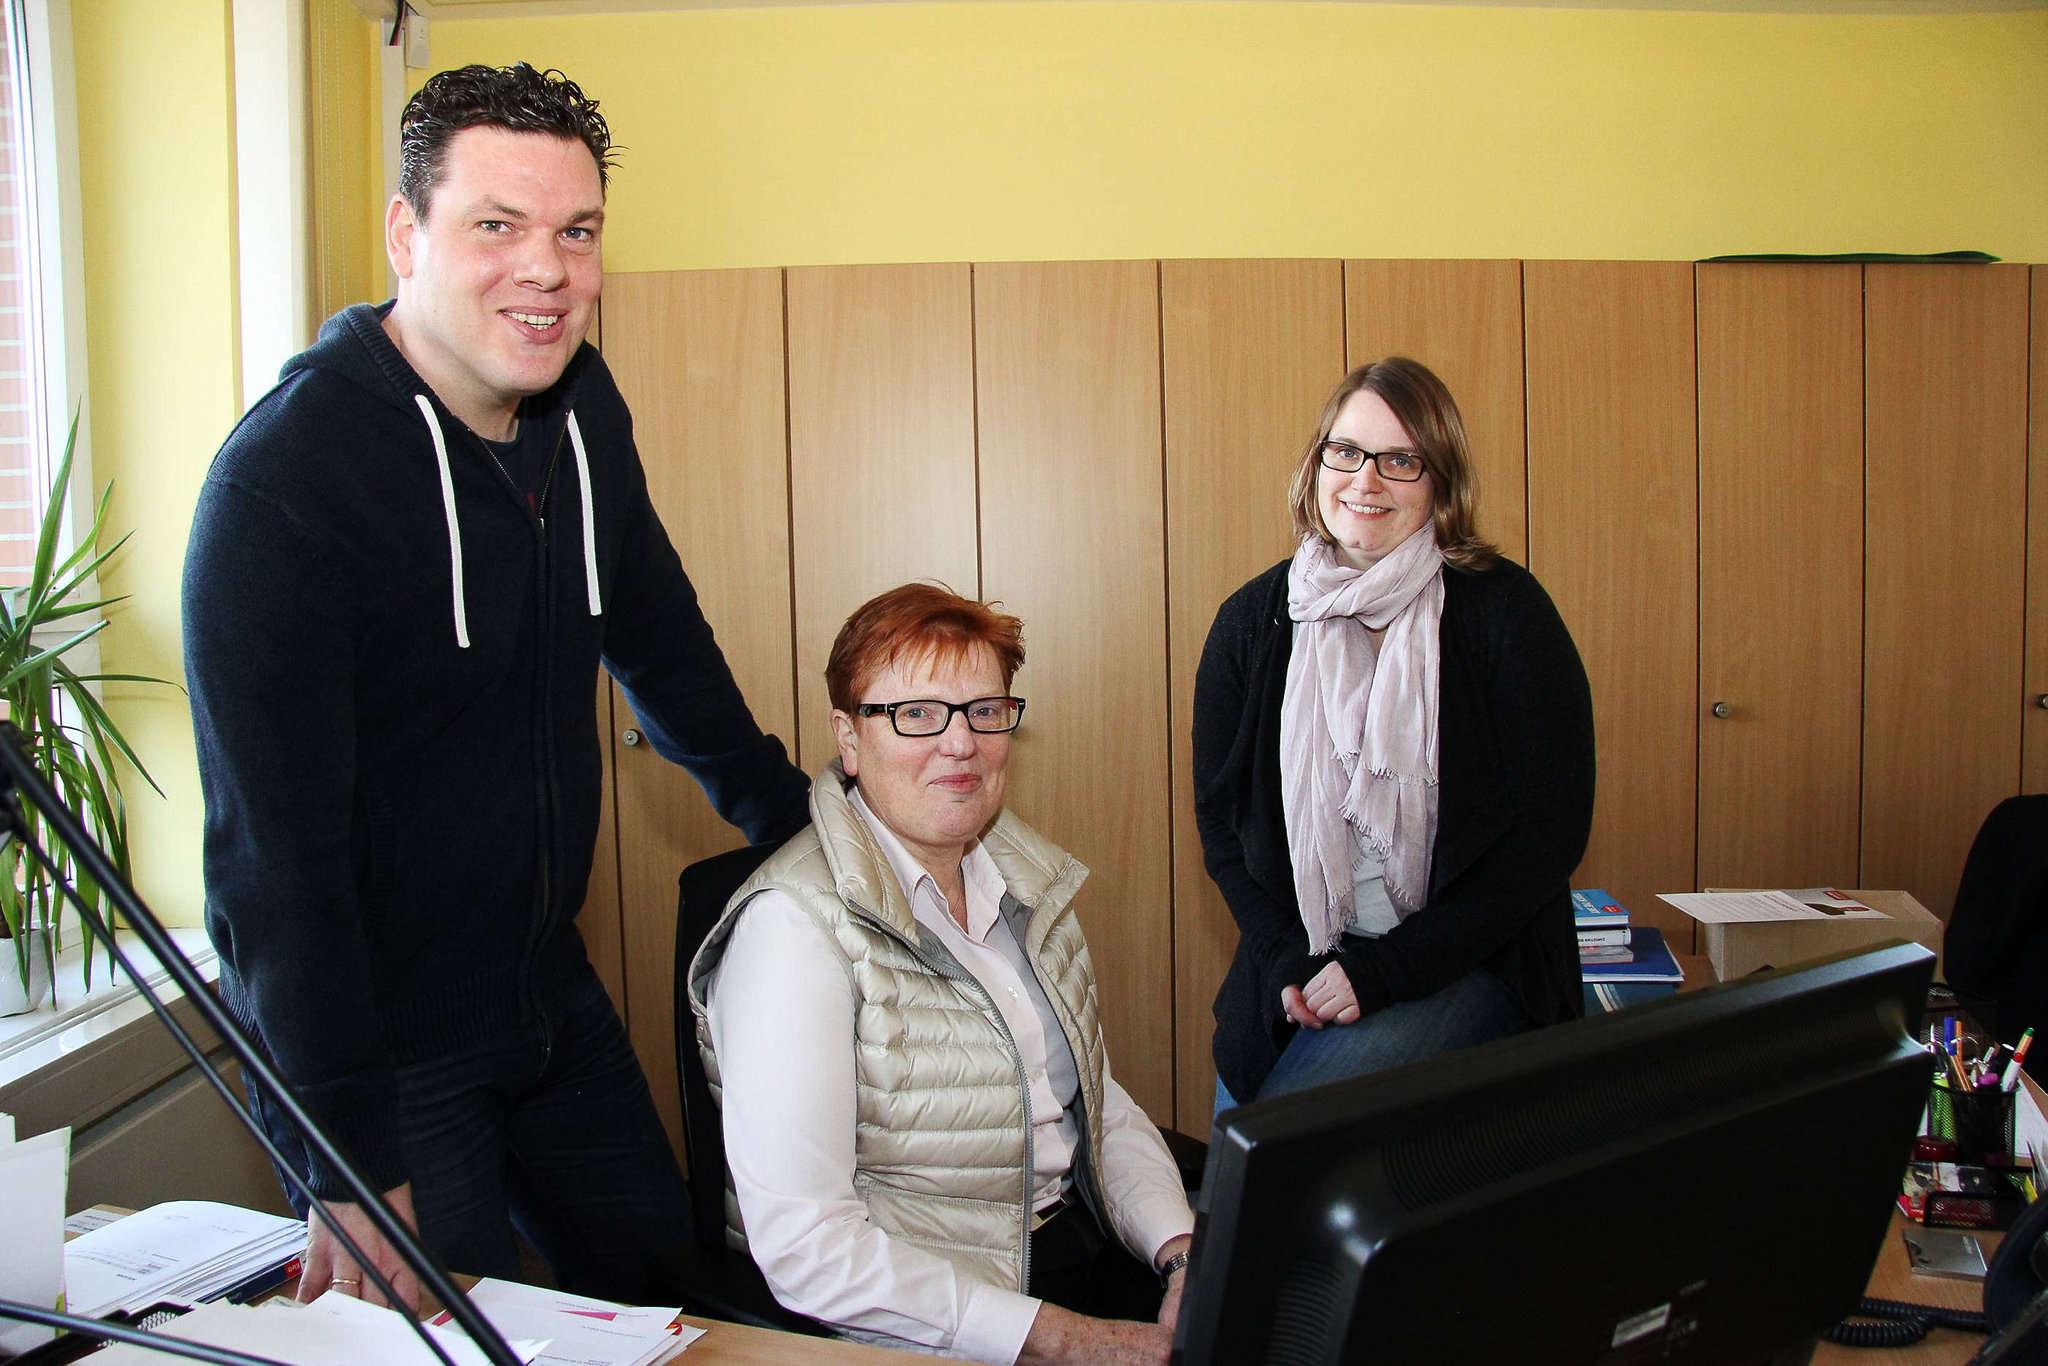 Meico Tijink, Annemarie Dollinger und Nicole Hövelmeyer ziehen für die Oberschule Bothel nach einem guten Dreitvierteljahr eine positive Bilanz. Foto: Nina Baucke